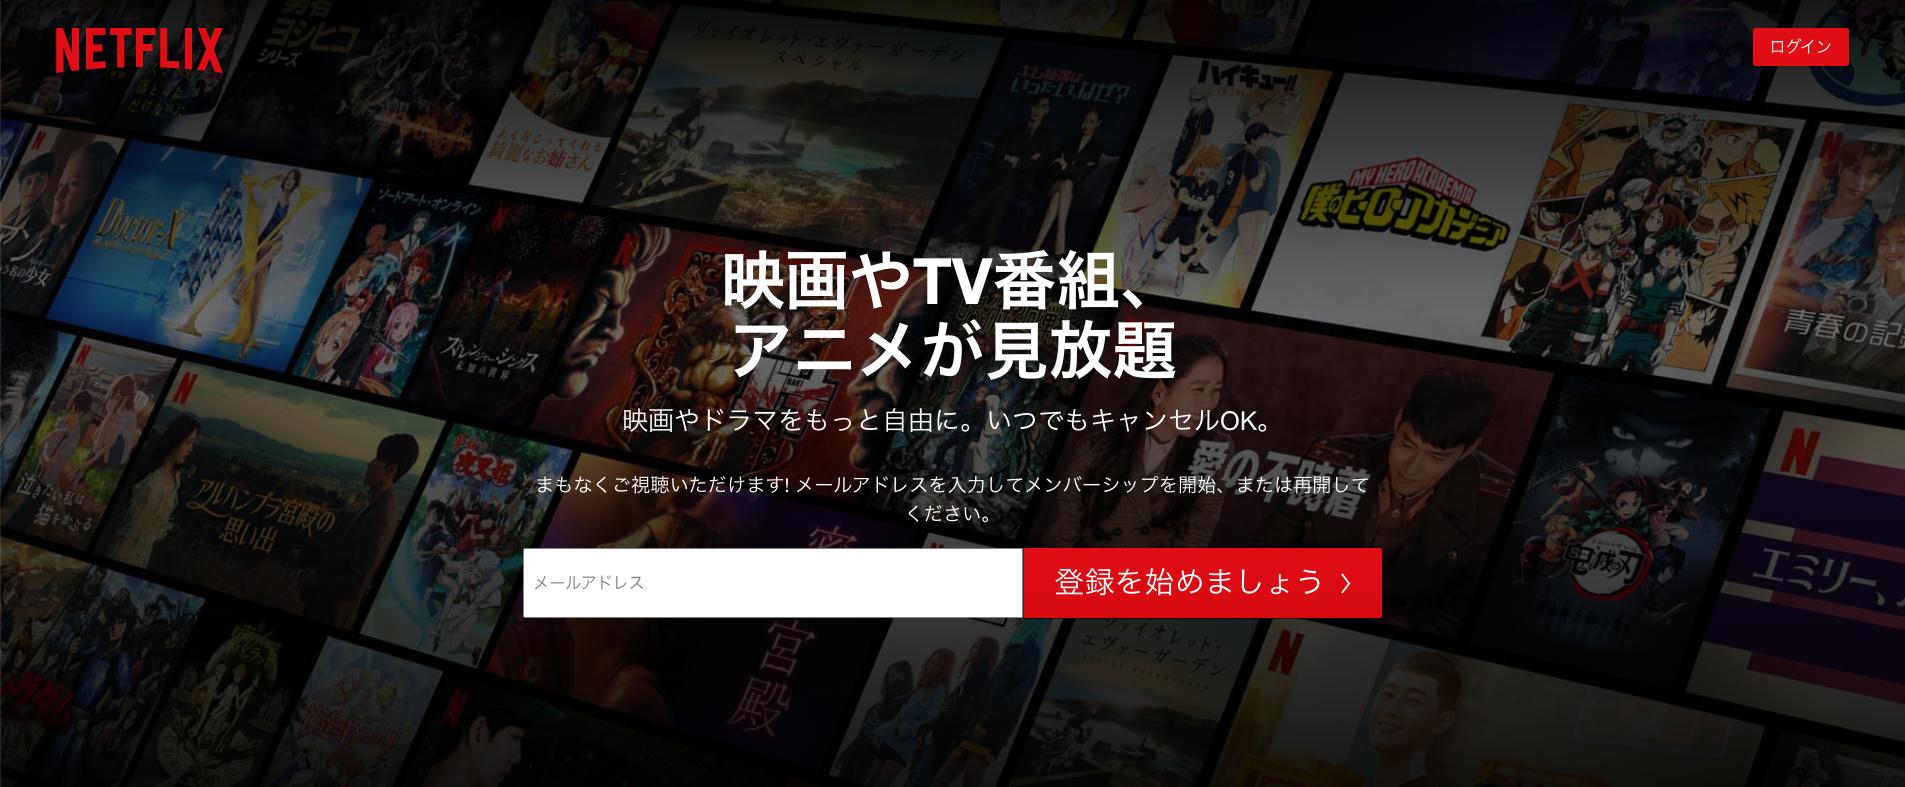 Netflix Top JP 2020/11/14